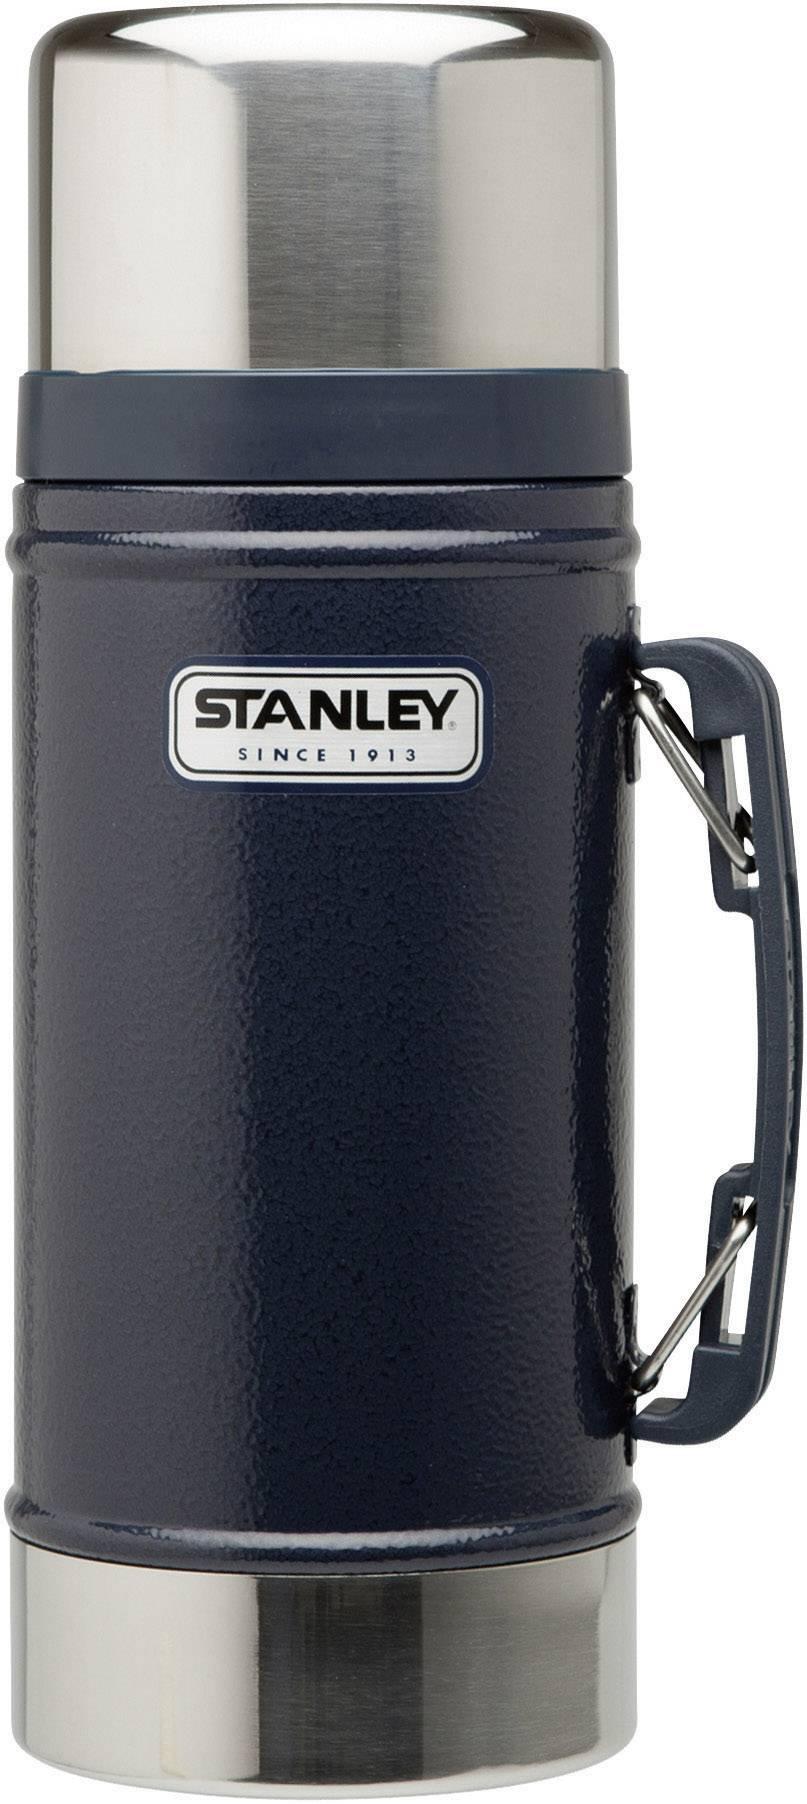 Kempingové nádoby na potraviny Stanley Vakuum-Speisebehälter Classic 10-01229-015